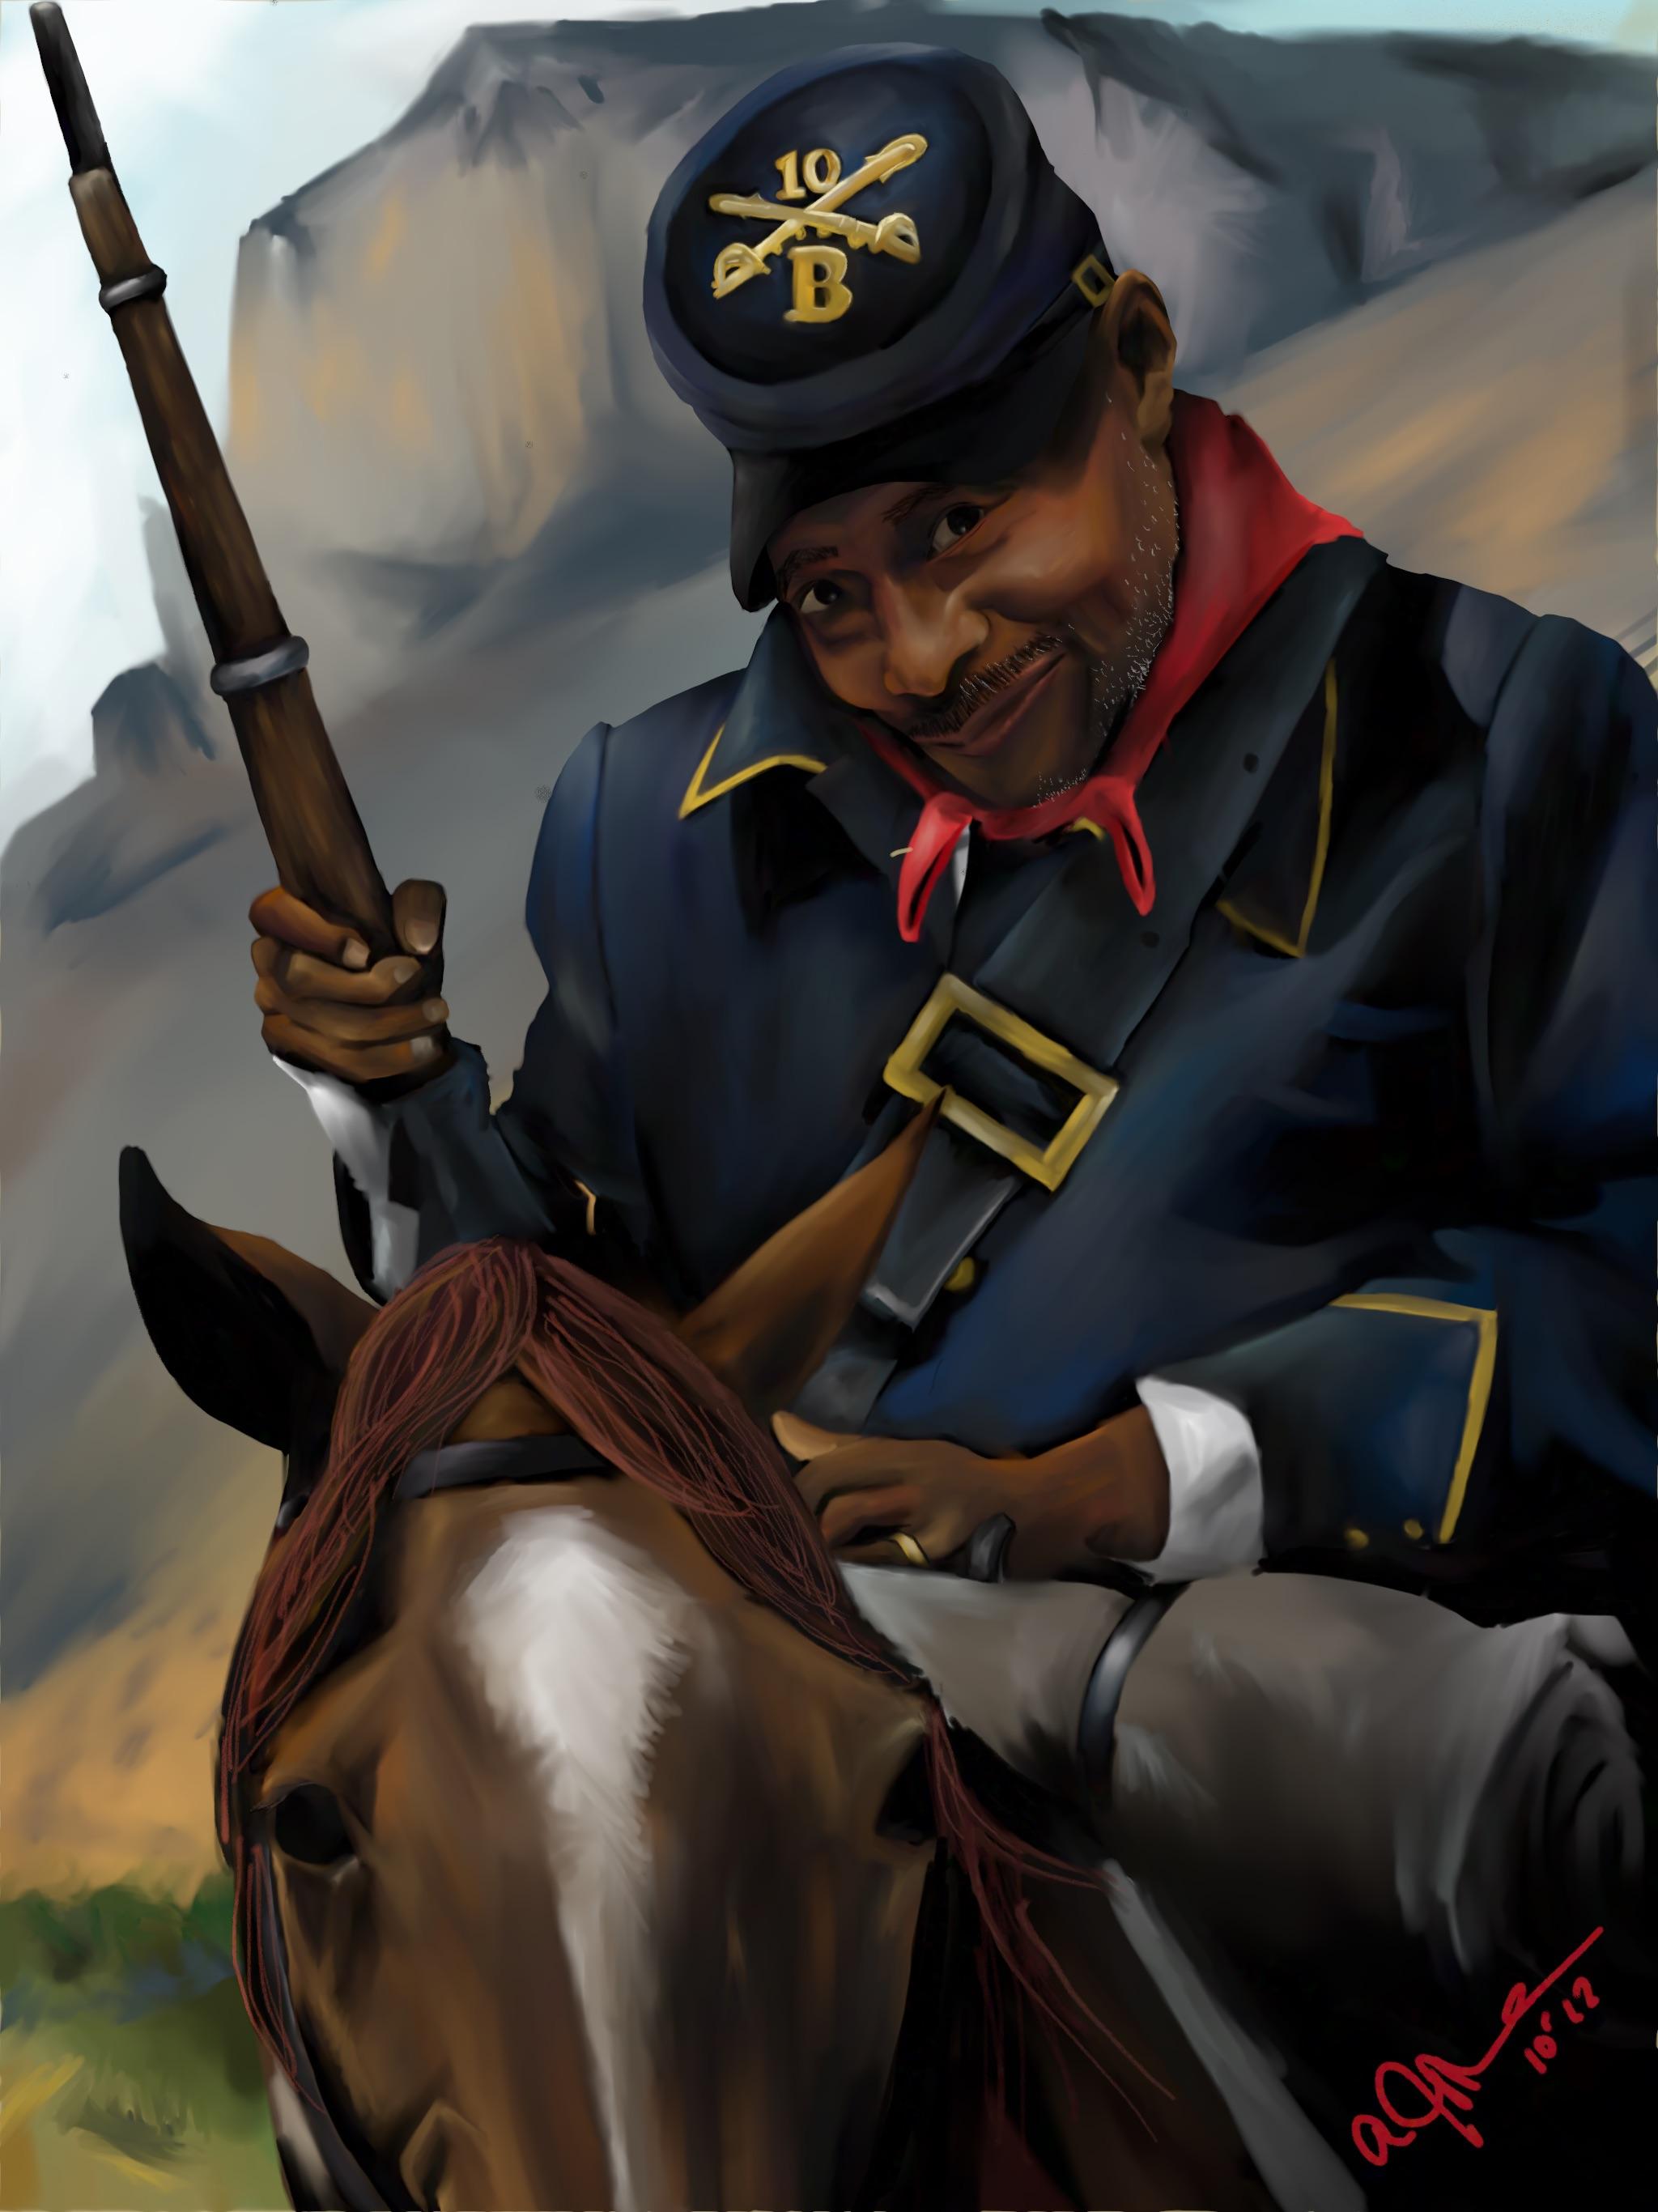 Buffalo Soldier by W.D. Wind